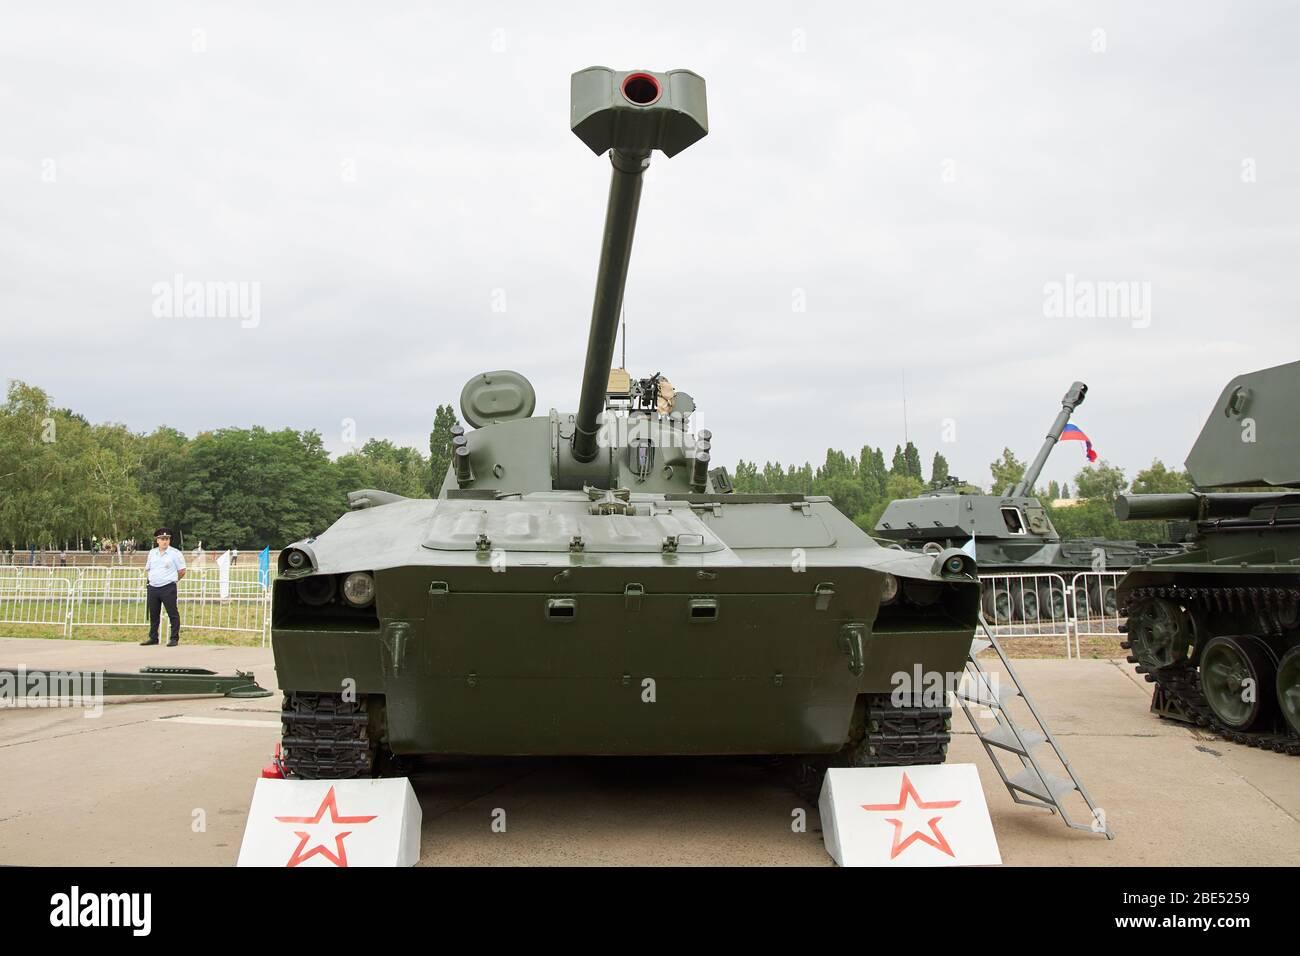 Sambek, région de Rostov, Russie, 28 juin 2019 : le système de obusiers/mortier automoteurs de 120 mm 2S34 Hosta, vue avant Banque D'Images